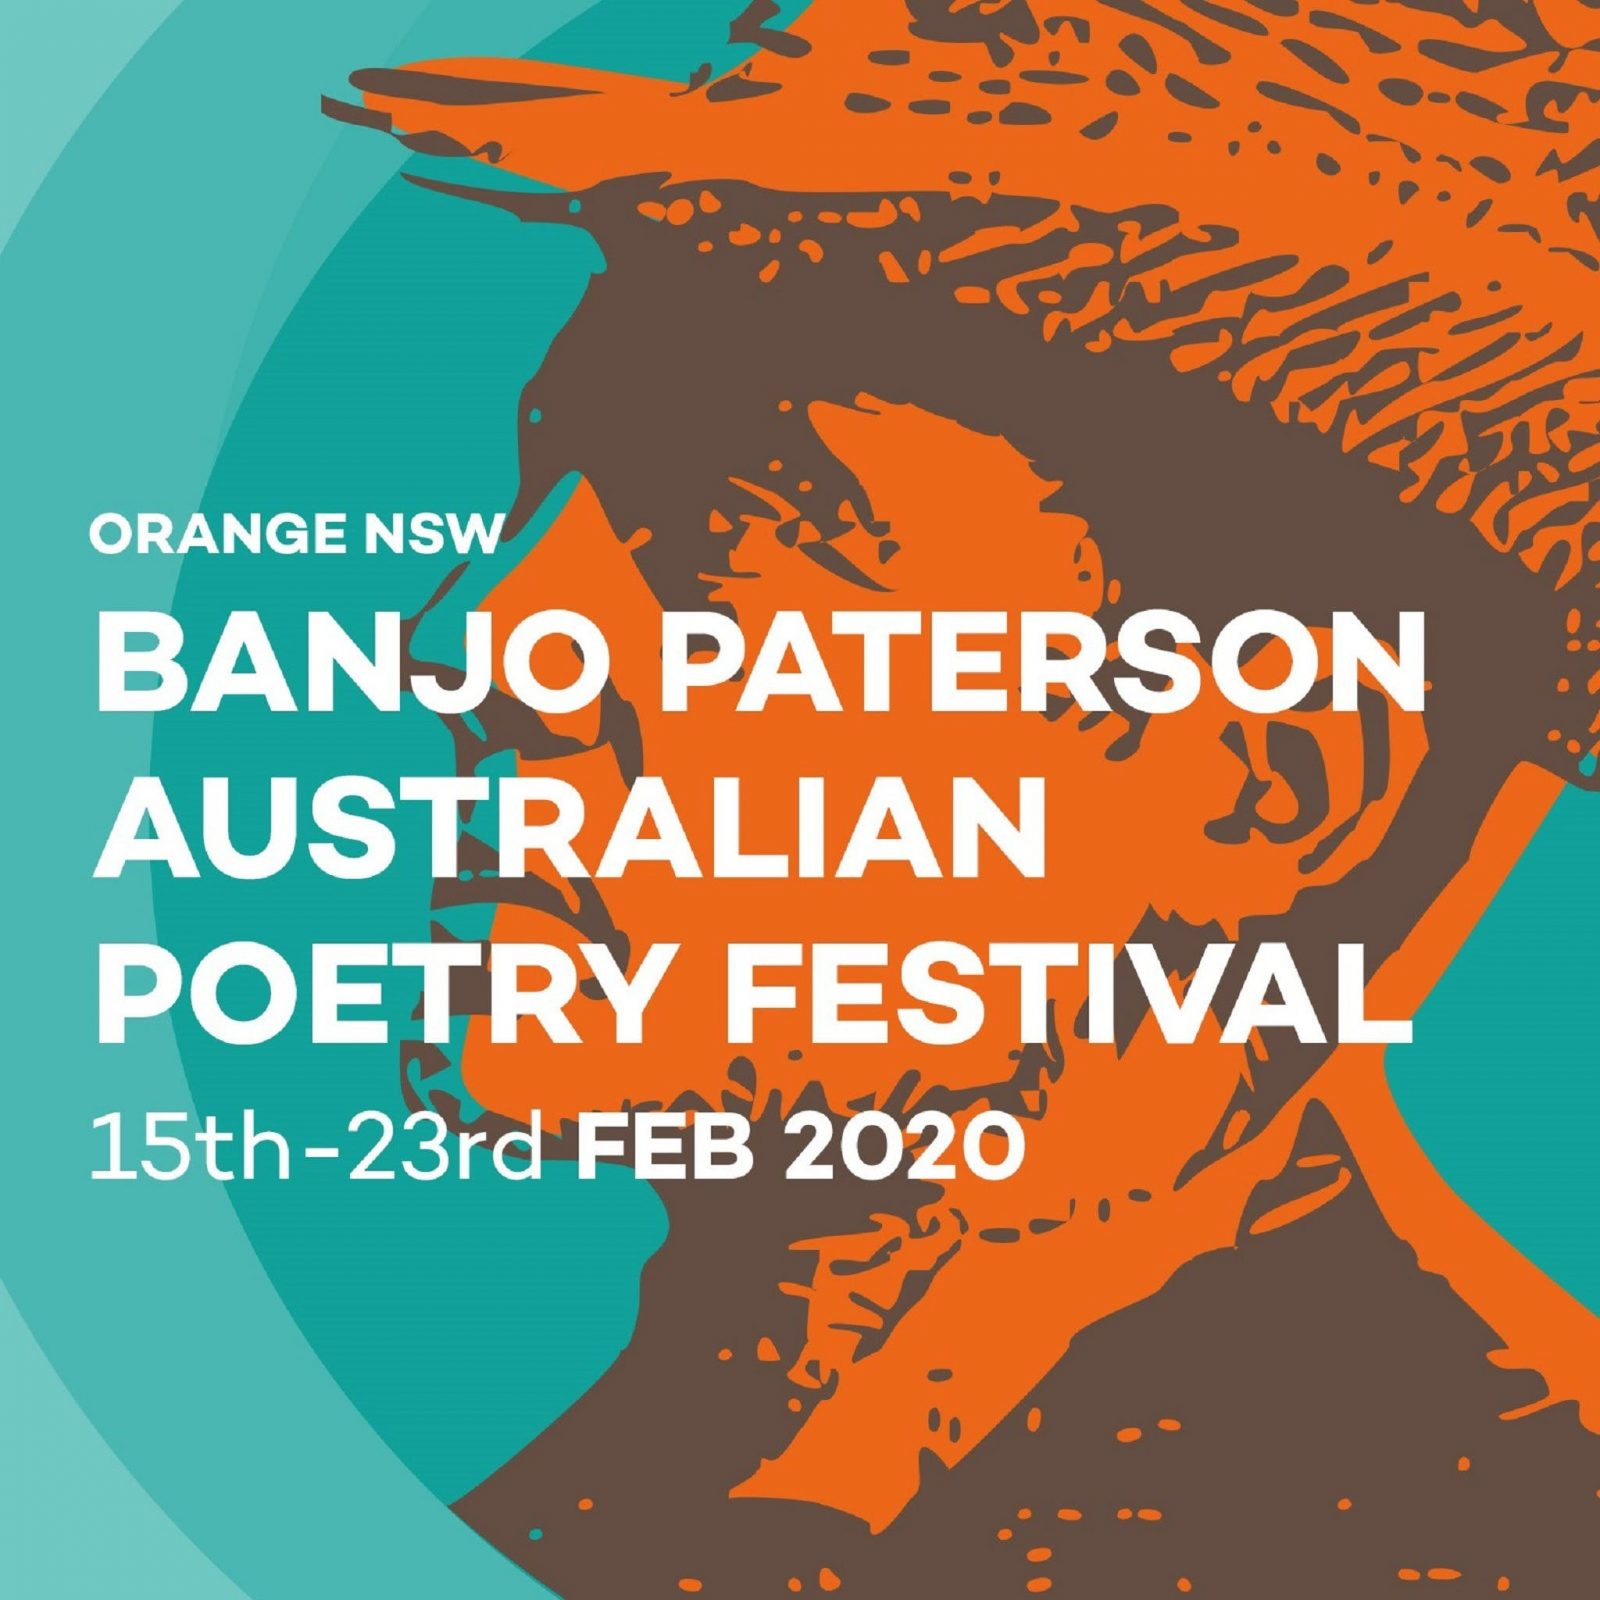 Banjo paterson festival